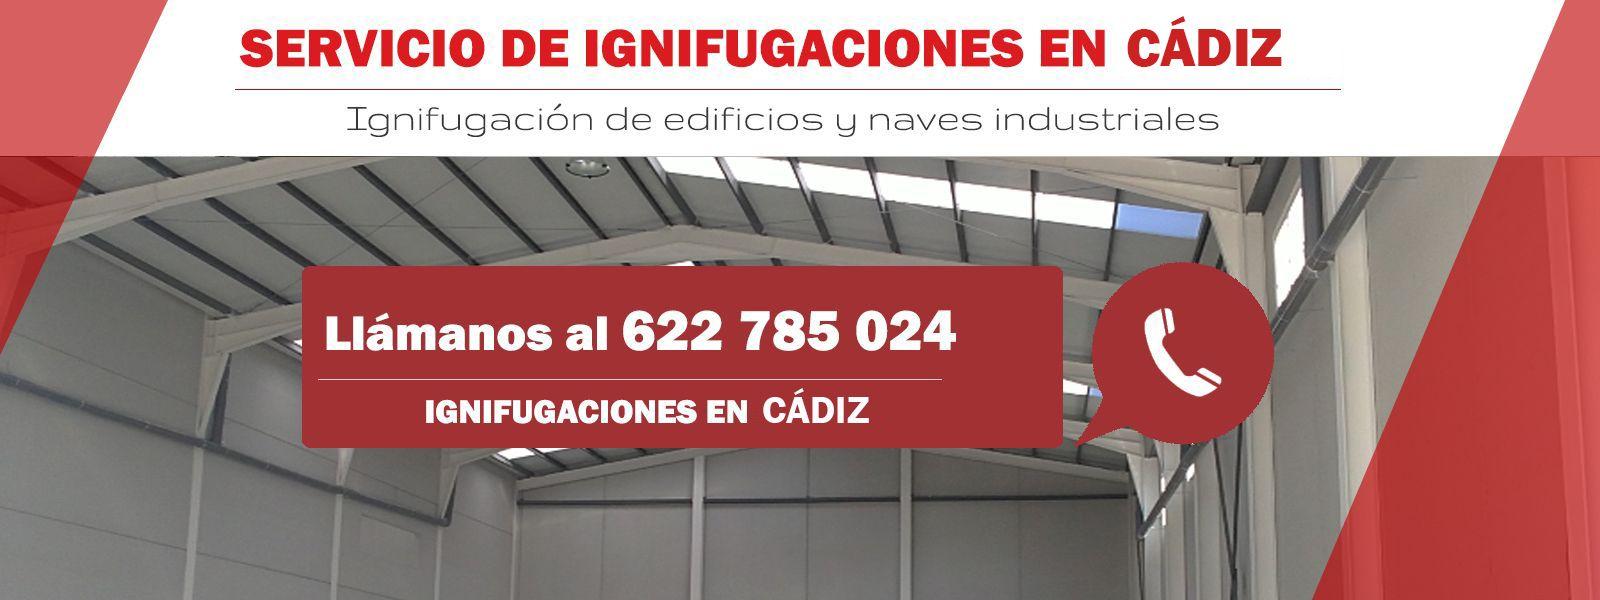 Ignifugación de naves y edificios en Cádiz